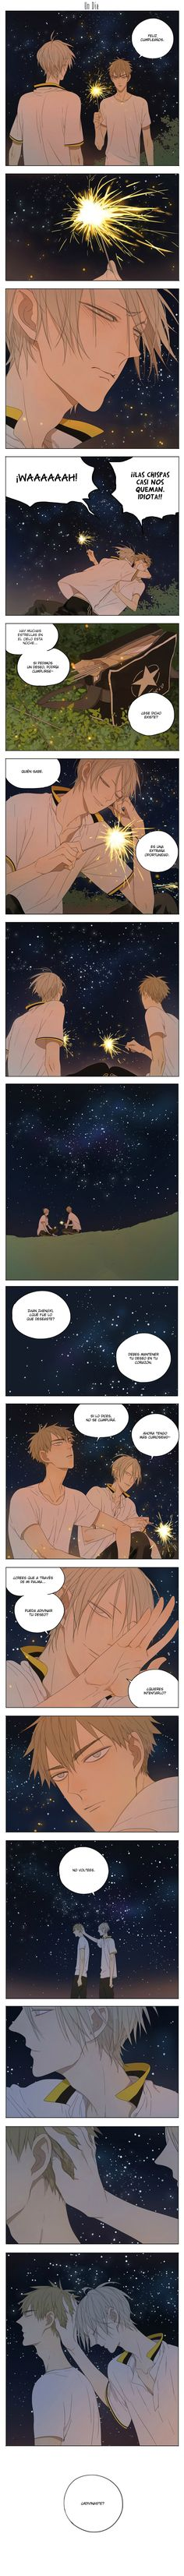 Manga 19 Days Capítulo 6 Página 13